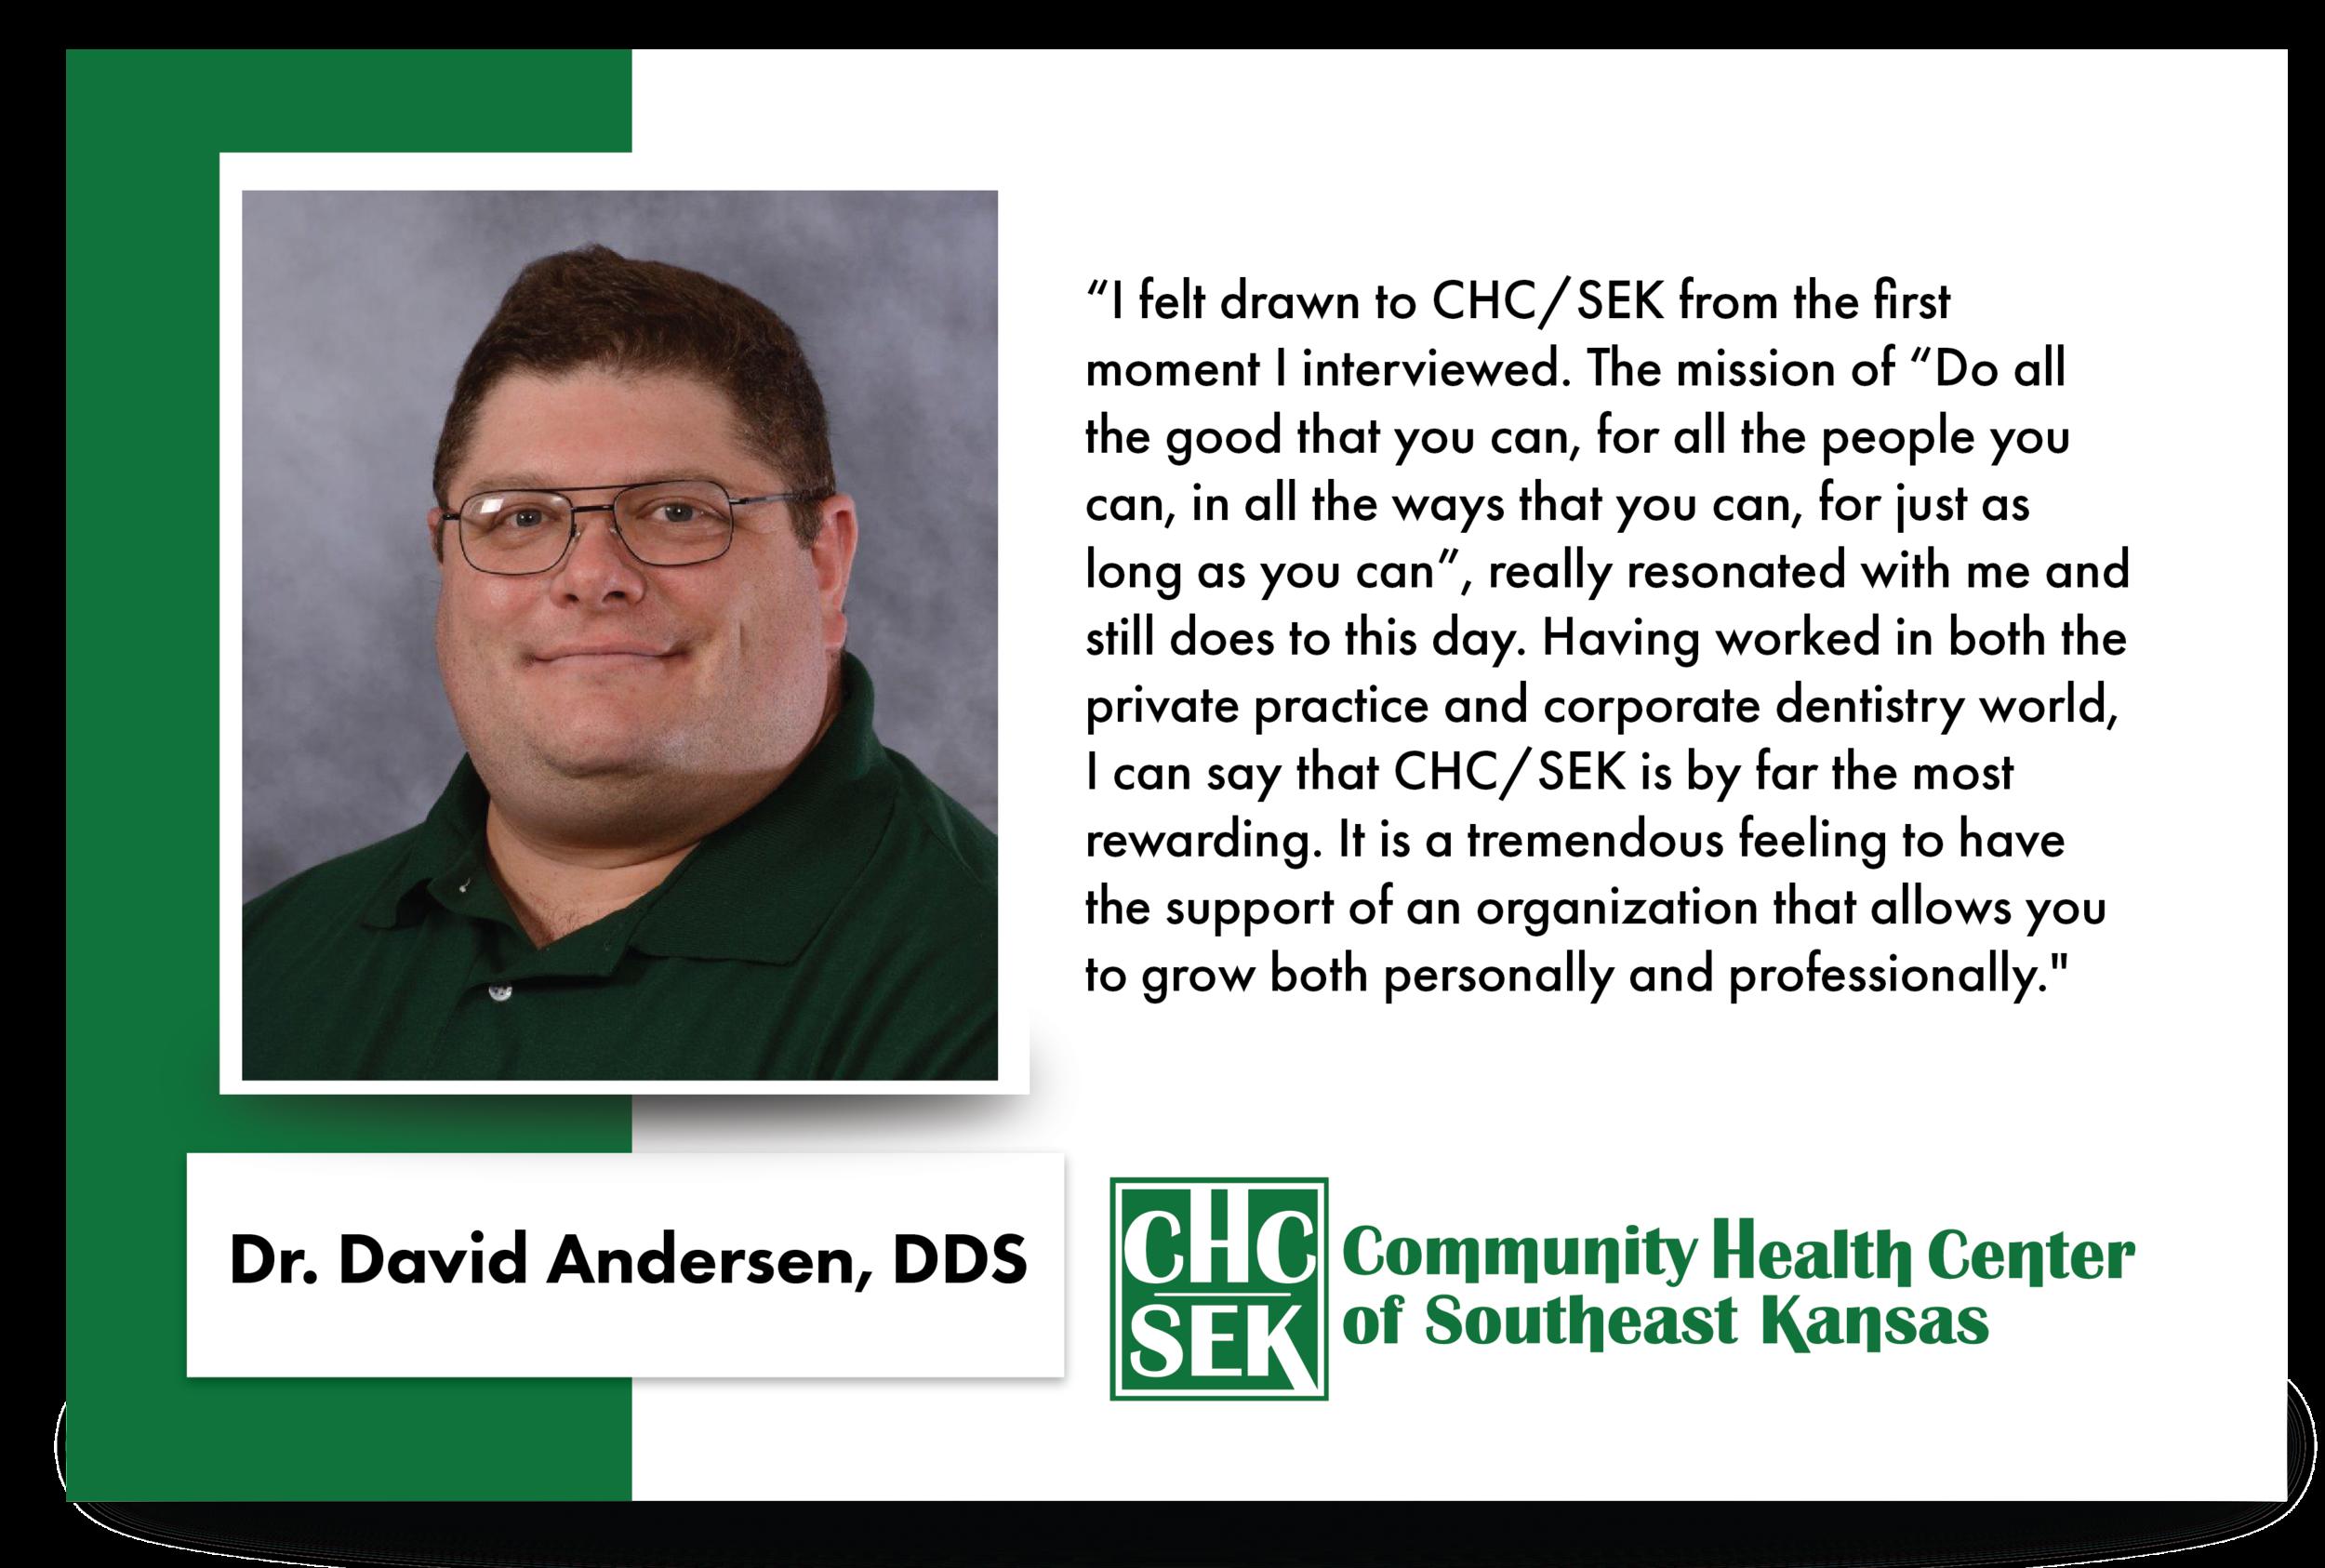 Dr. David Anderson, D.D.S